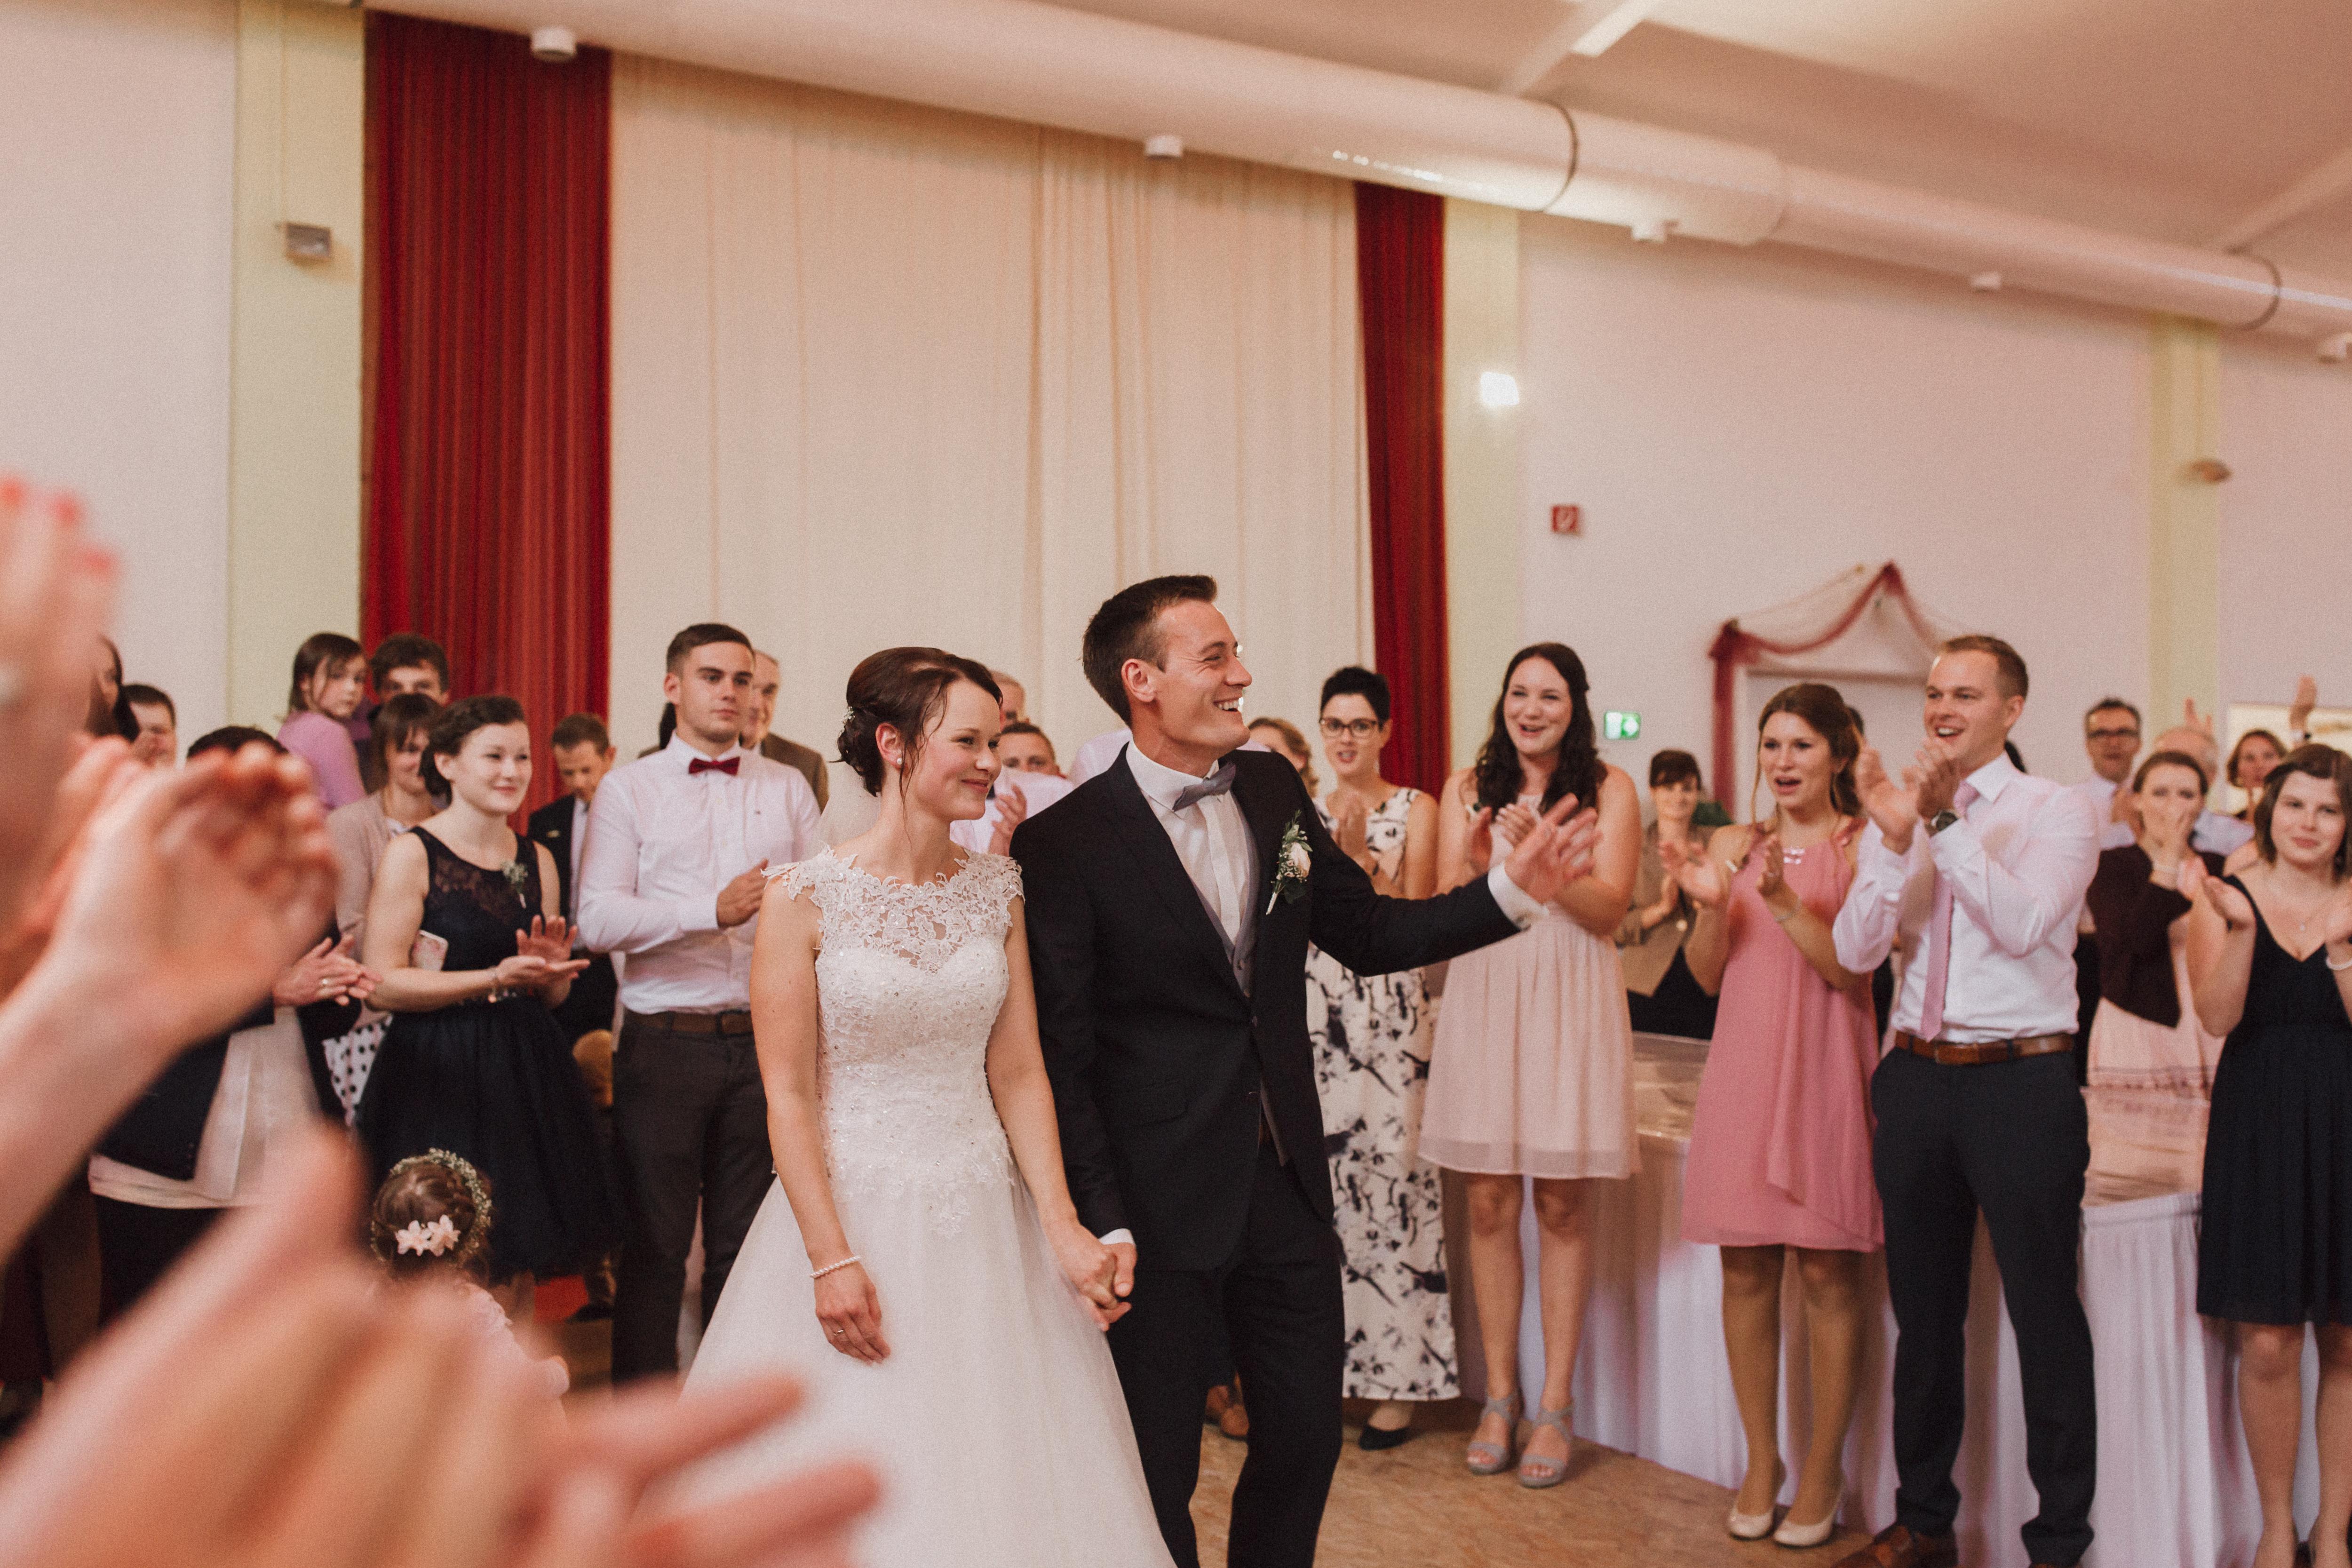 URBANERIE_Daniela_Goth_Hochzeitsfotografin_Nürnberg_Fürth_Erlangen_Schwabach_170909_0102